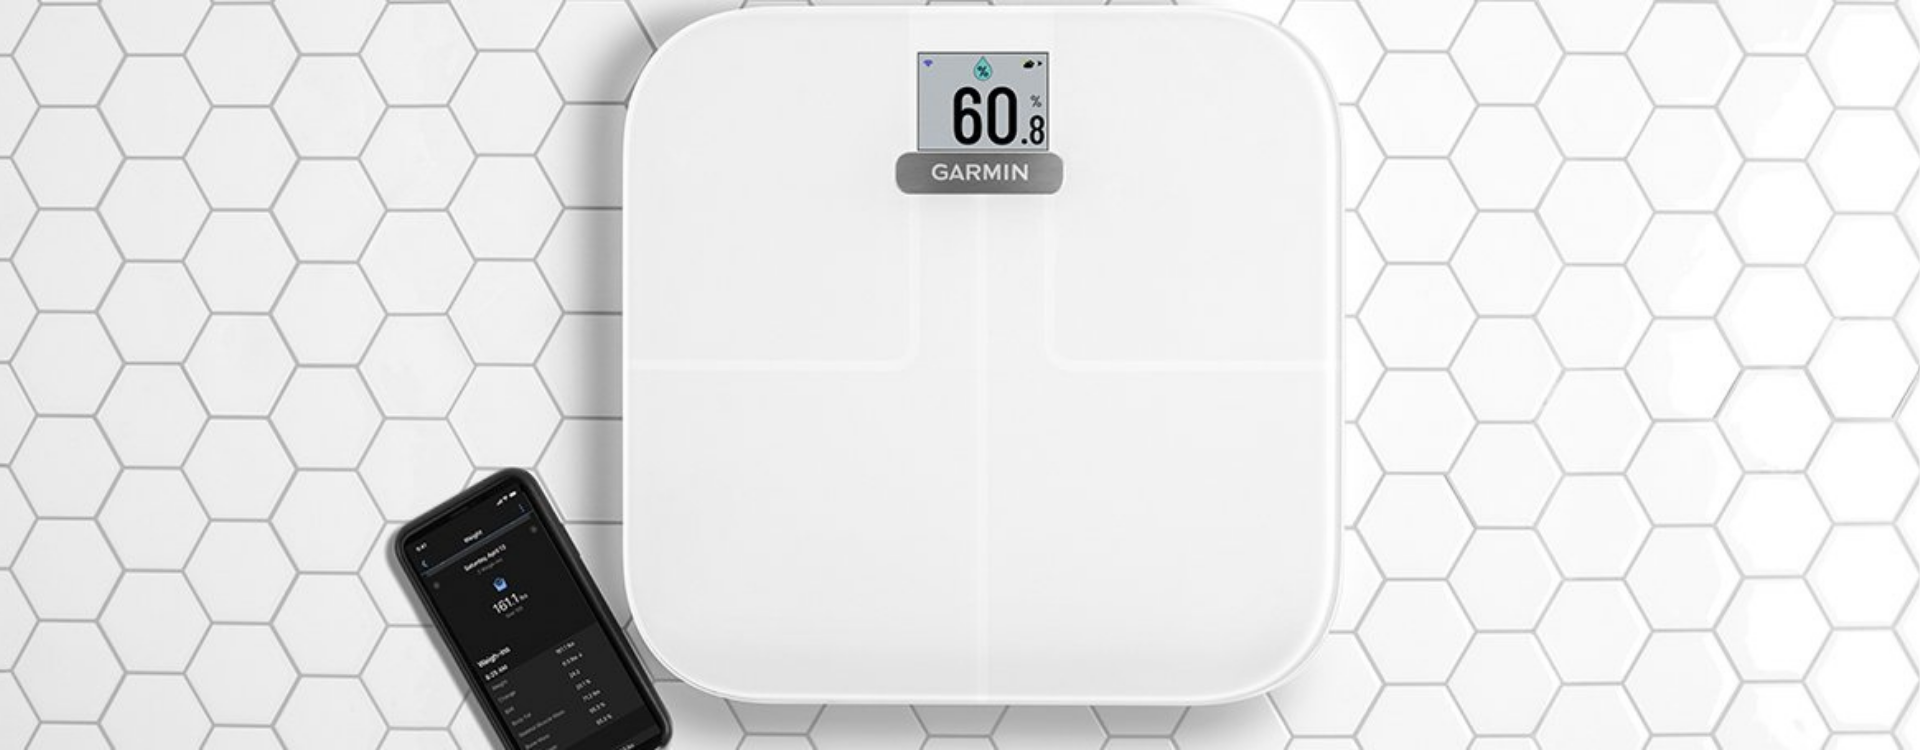 «У меня просто кость тяжелая» — Garmin Index™ S2 Smart Scale покажет …